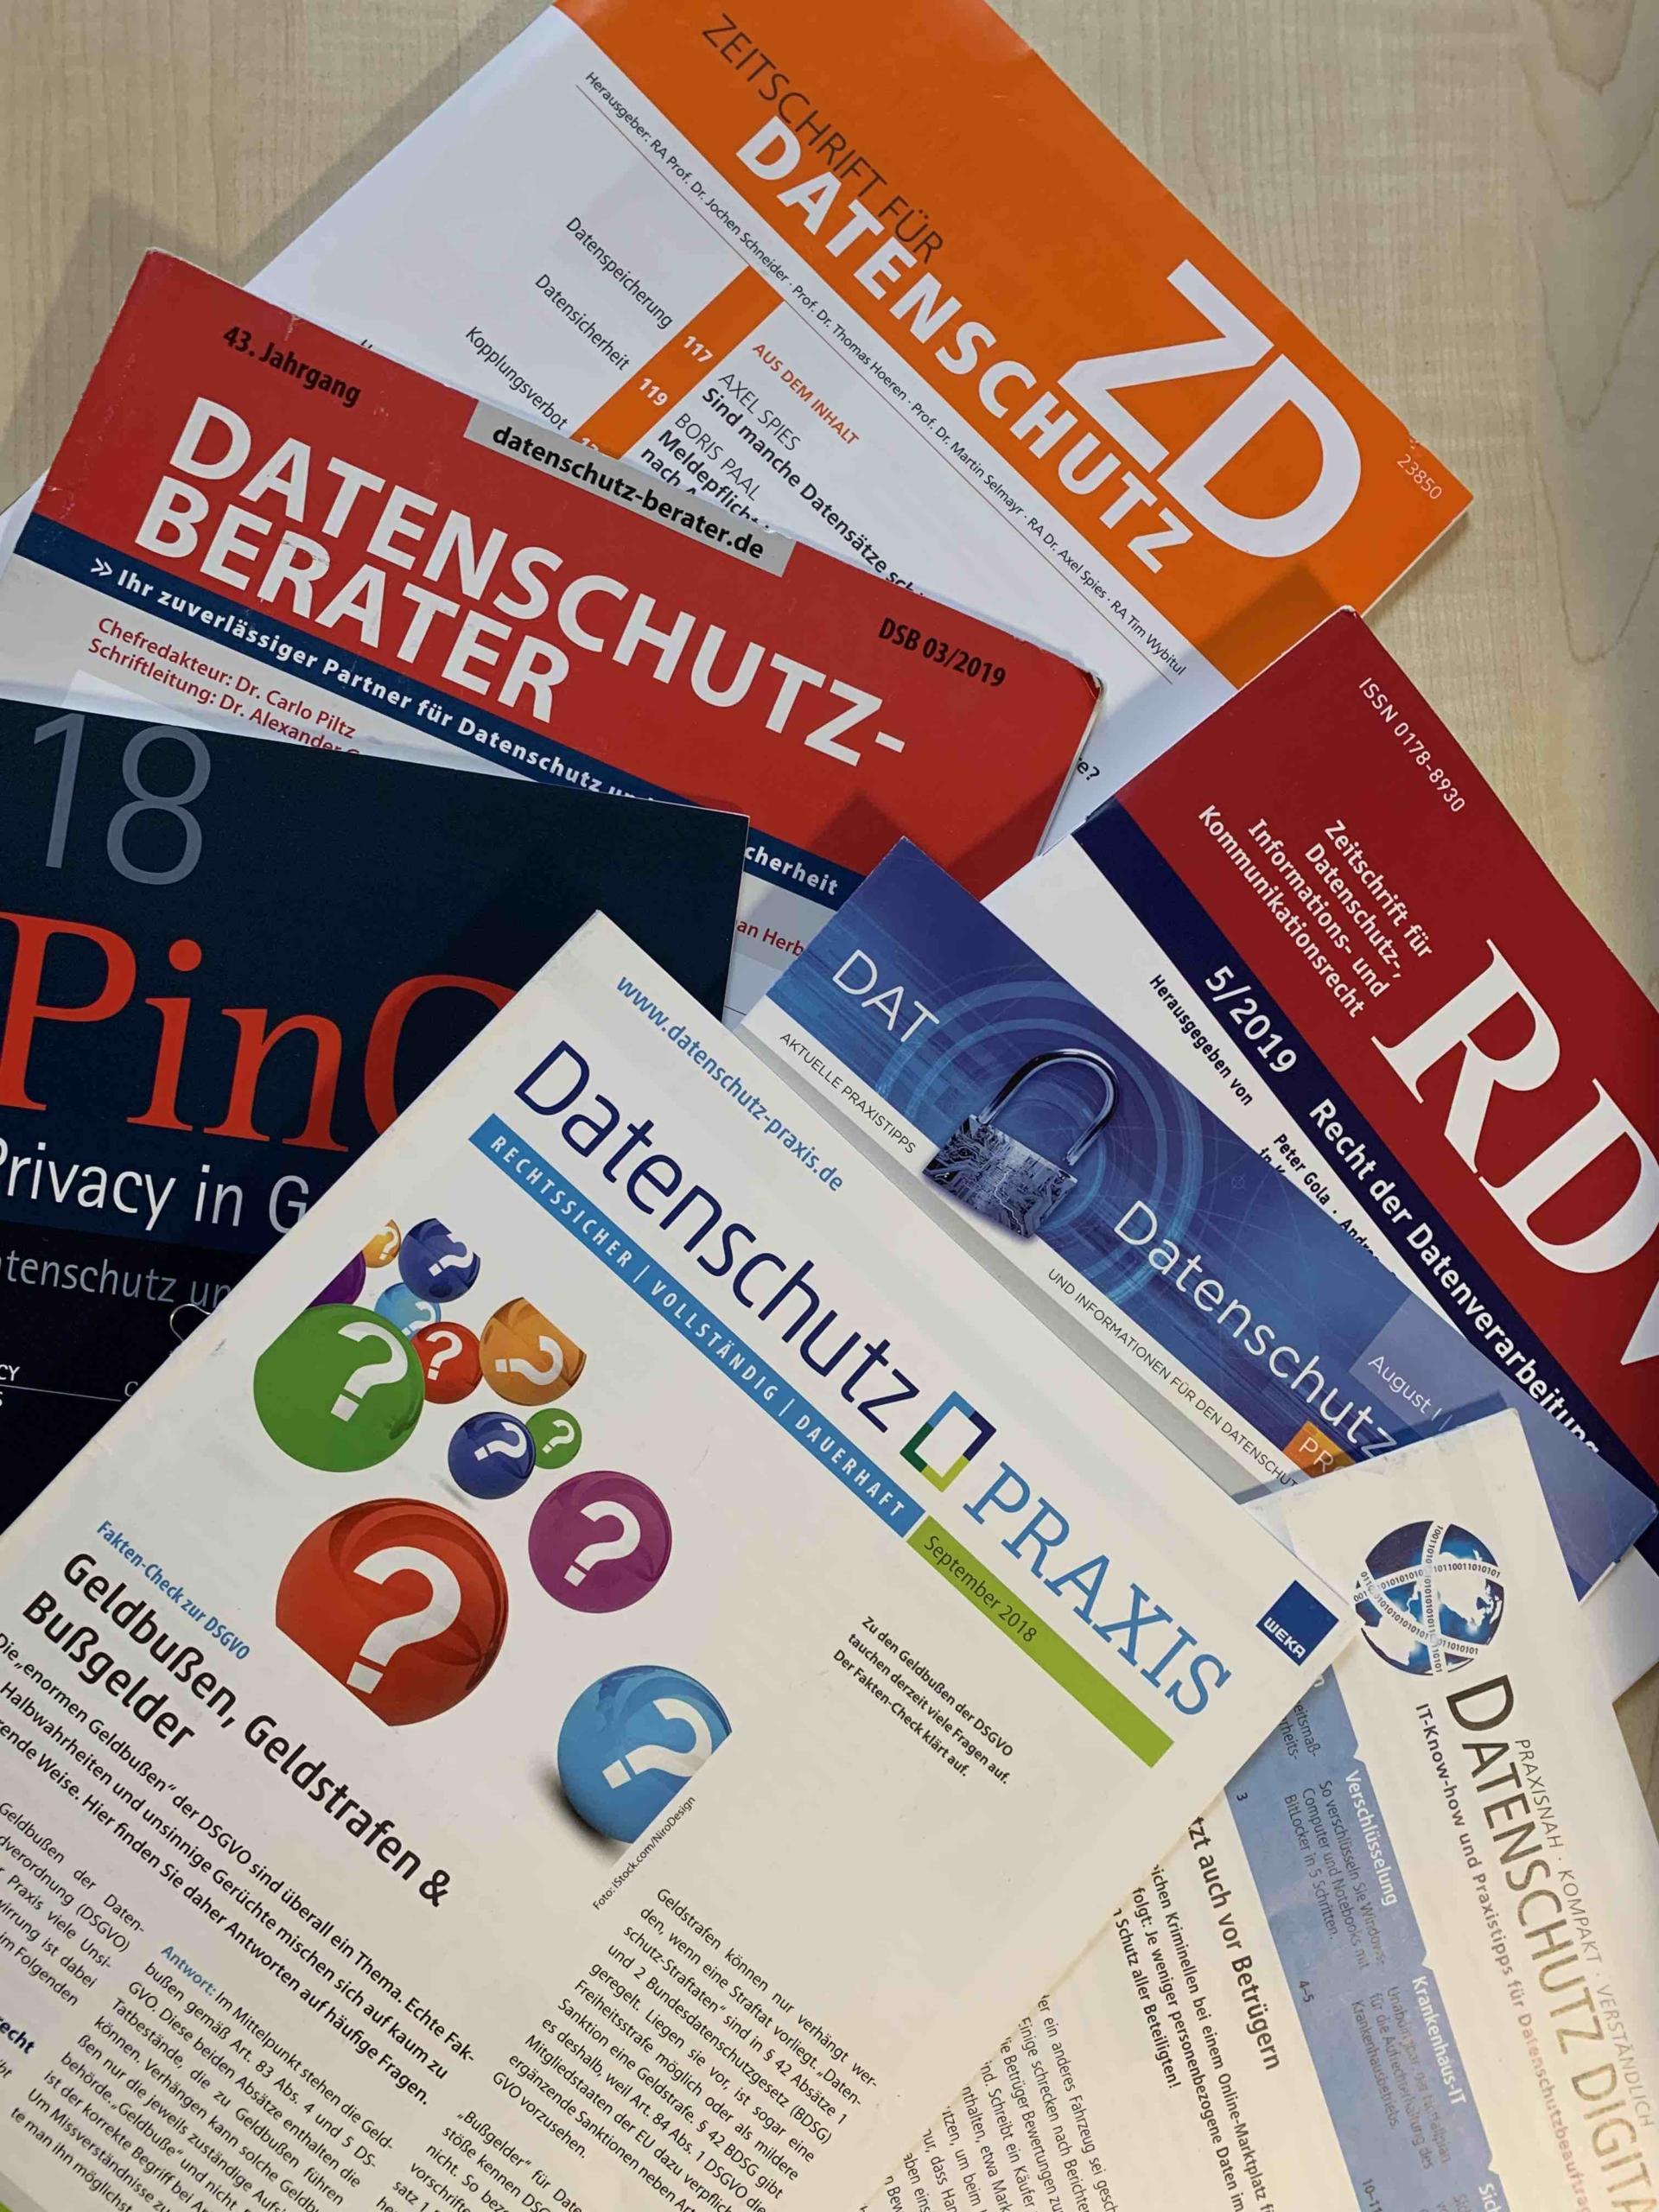 Zeitschriften mit dem Schwerpunkt Datenschutz